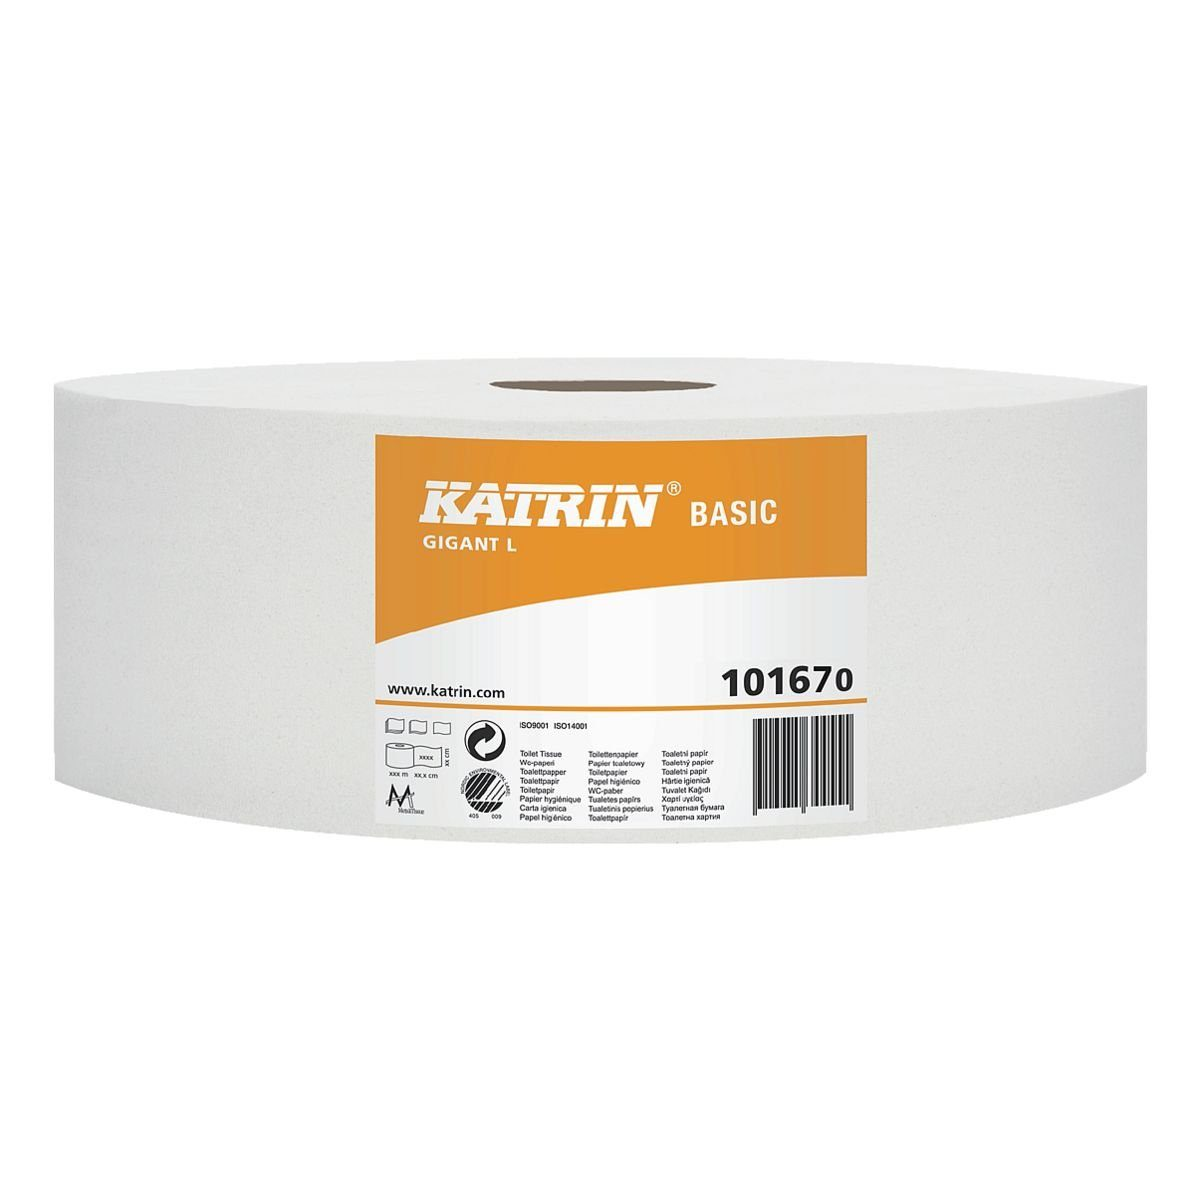 Katrin Toilettenpapier